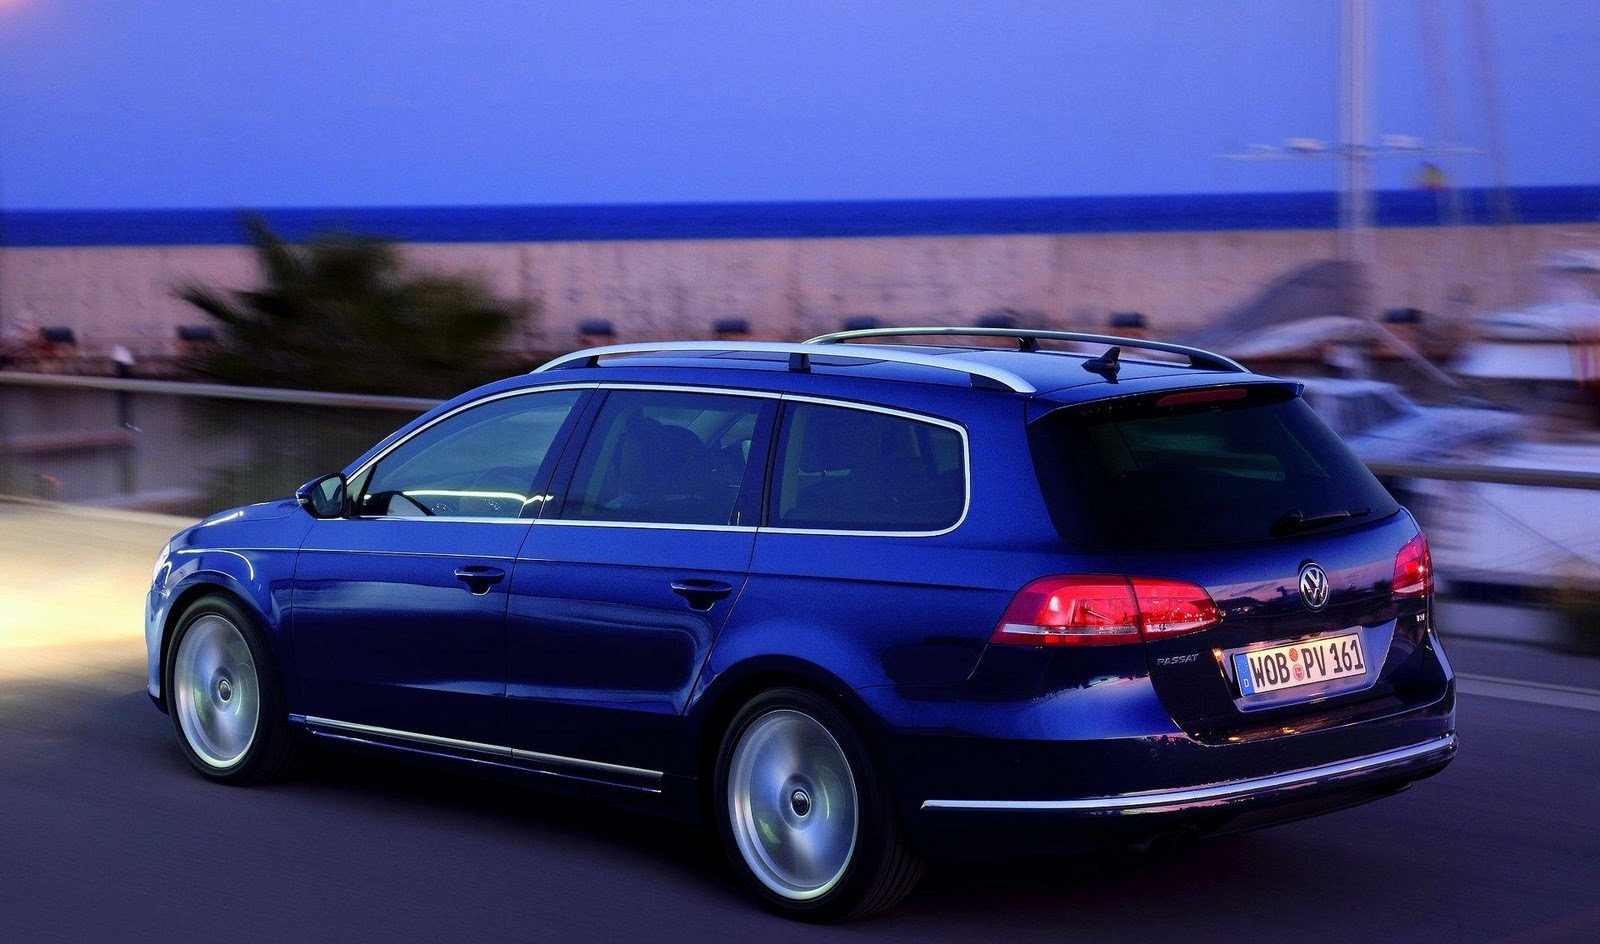 http://2.bp.blogspot.com/_7LQxj656qB0/TMCJpJSMQyI/AAAAAAAAJbE/sPhQiycO-Cc/s1600/2011+Volkswagen+Passat+28.jpg